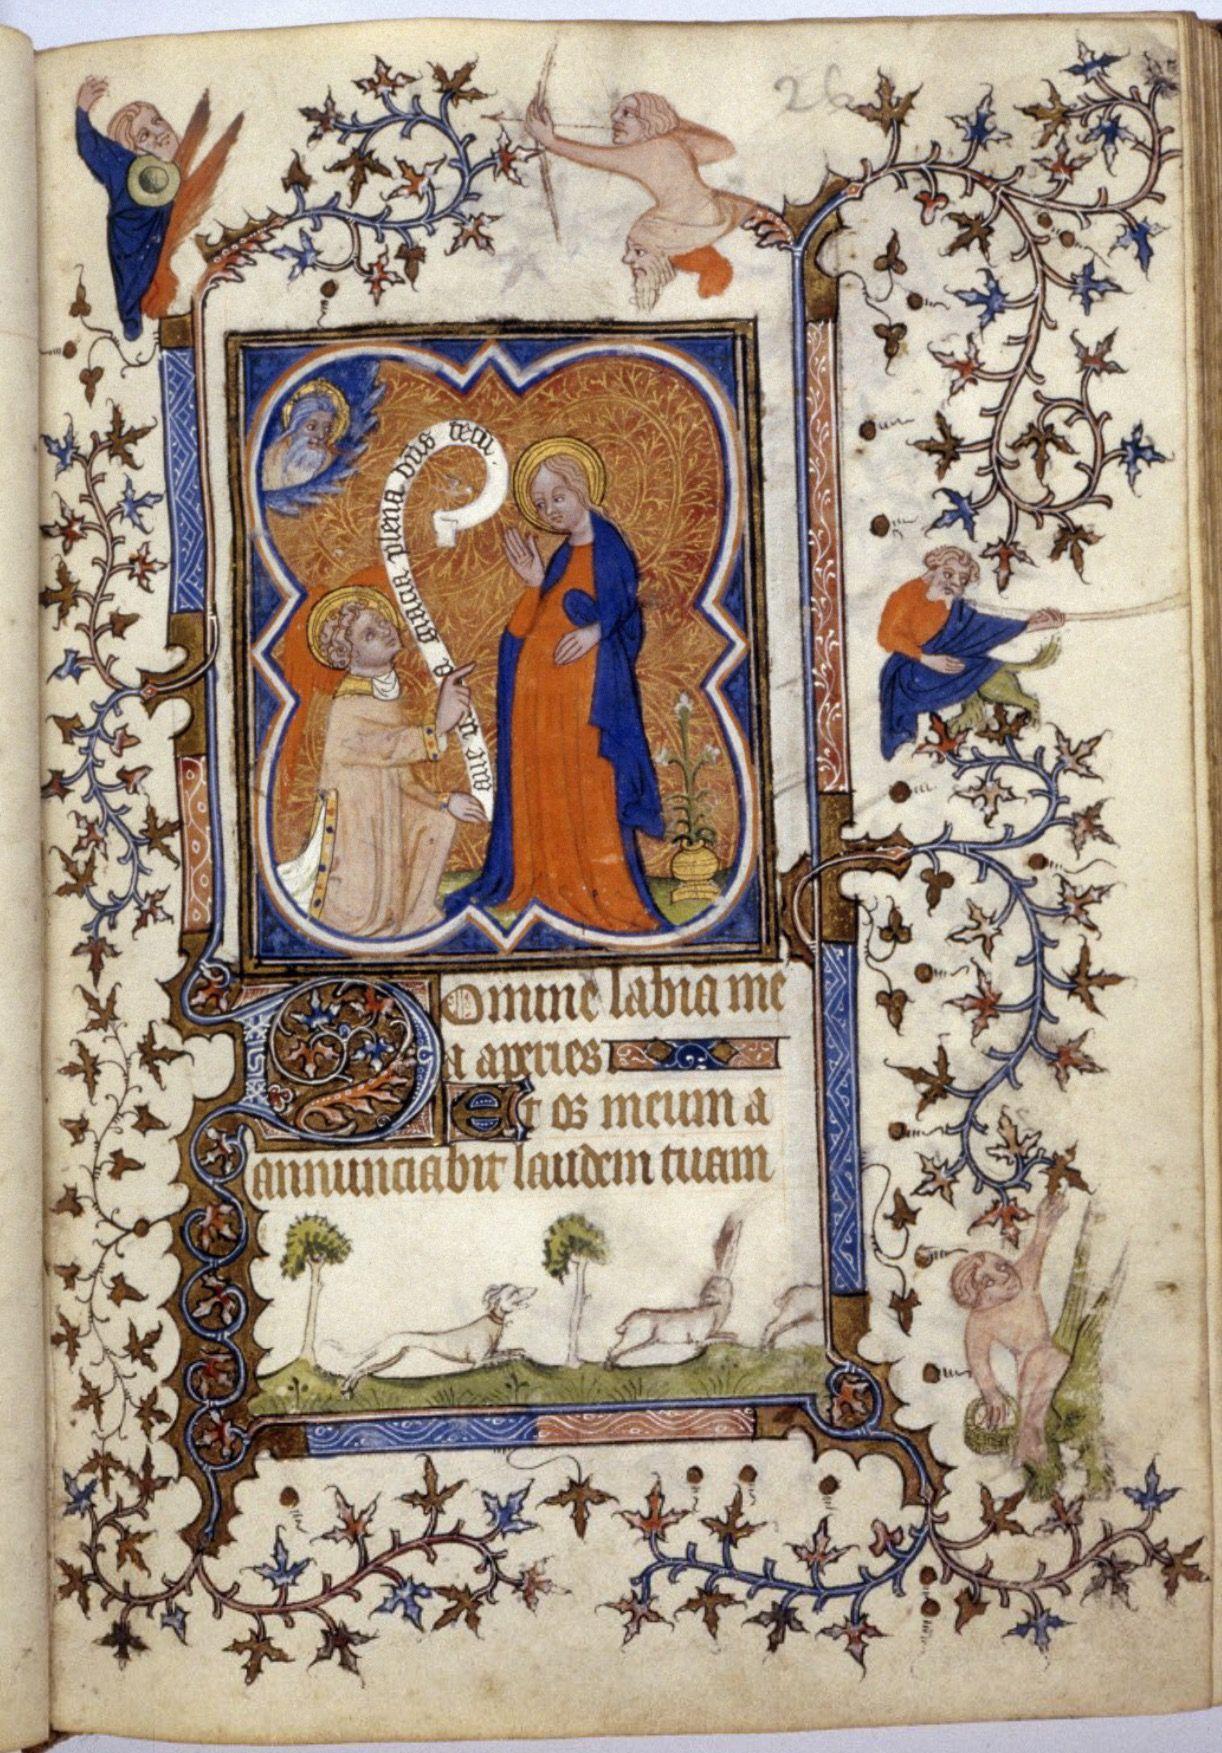 Bodleian, ms Rawl. Liturg. f. 27, fol. 26r, France, Heures à l'usage de Paris, c. 1380-1390, Matines (Heures de la Vierge)